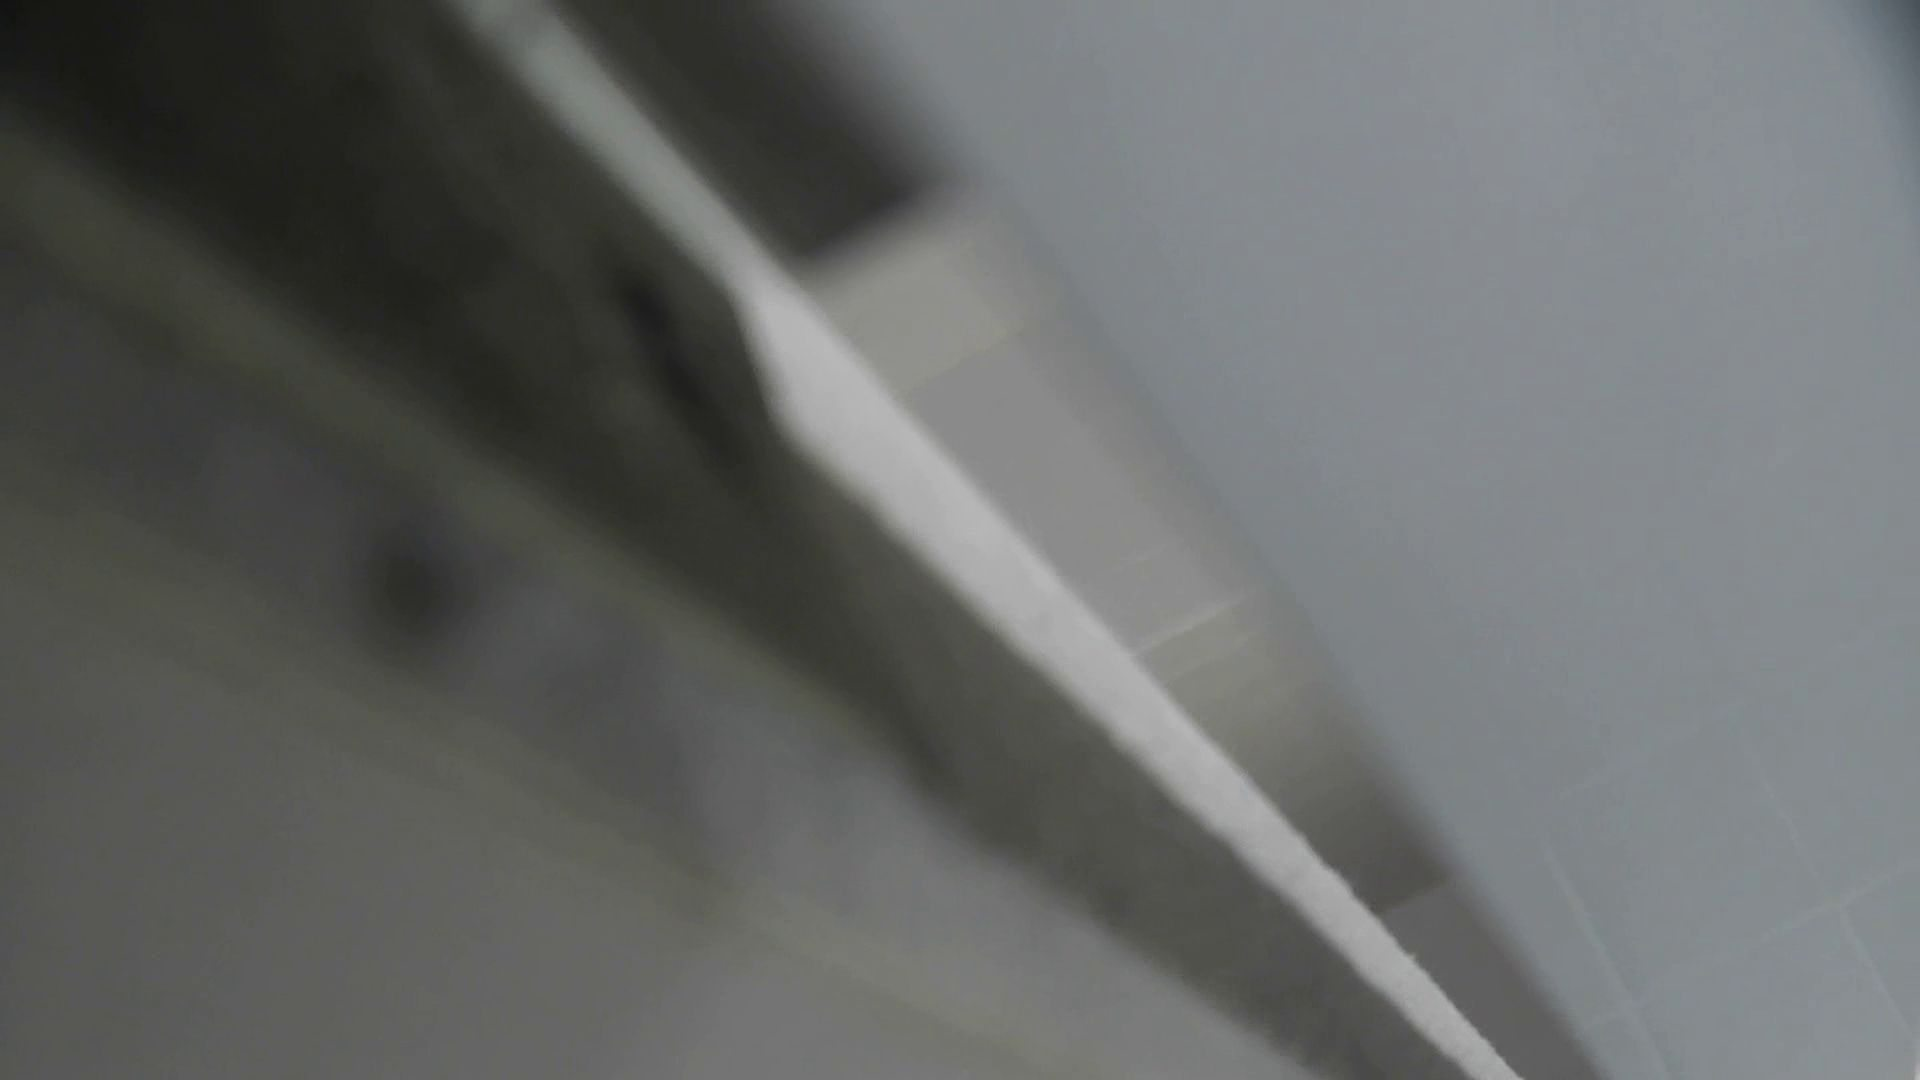 vol.28 命がけ潜伏洗面所! ∑(゚Д゚)アッ! エロティックなOL  106画像 12